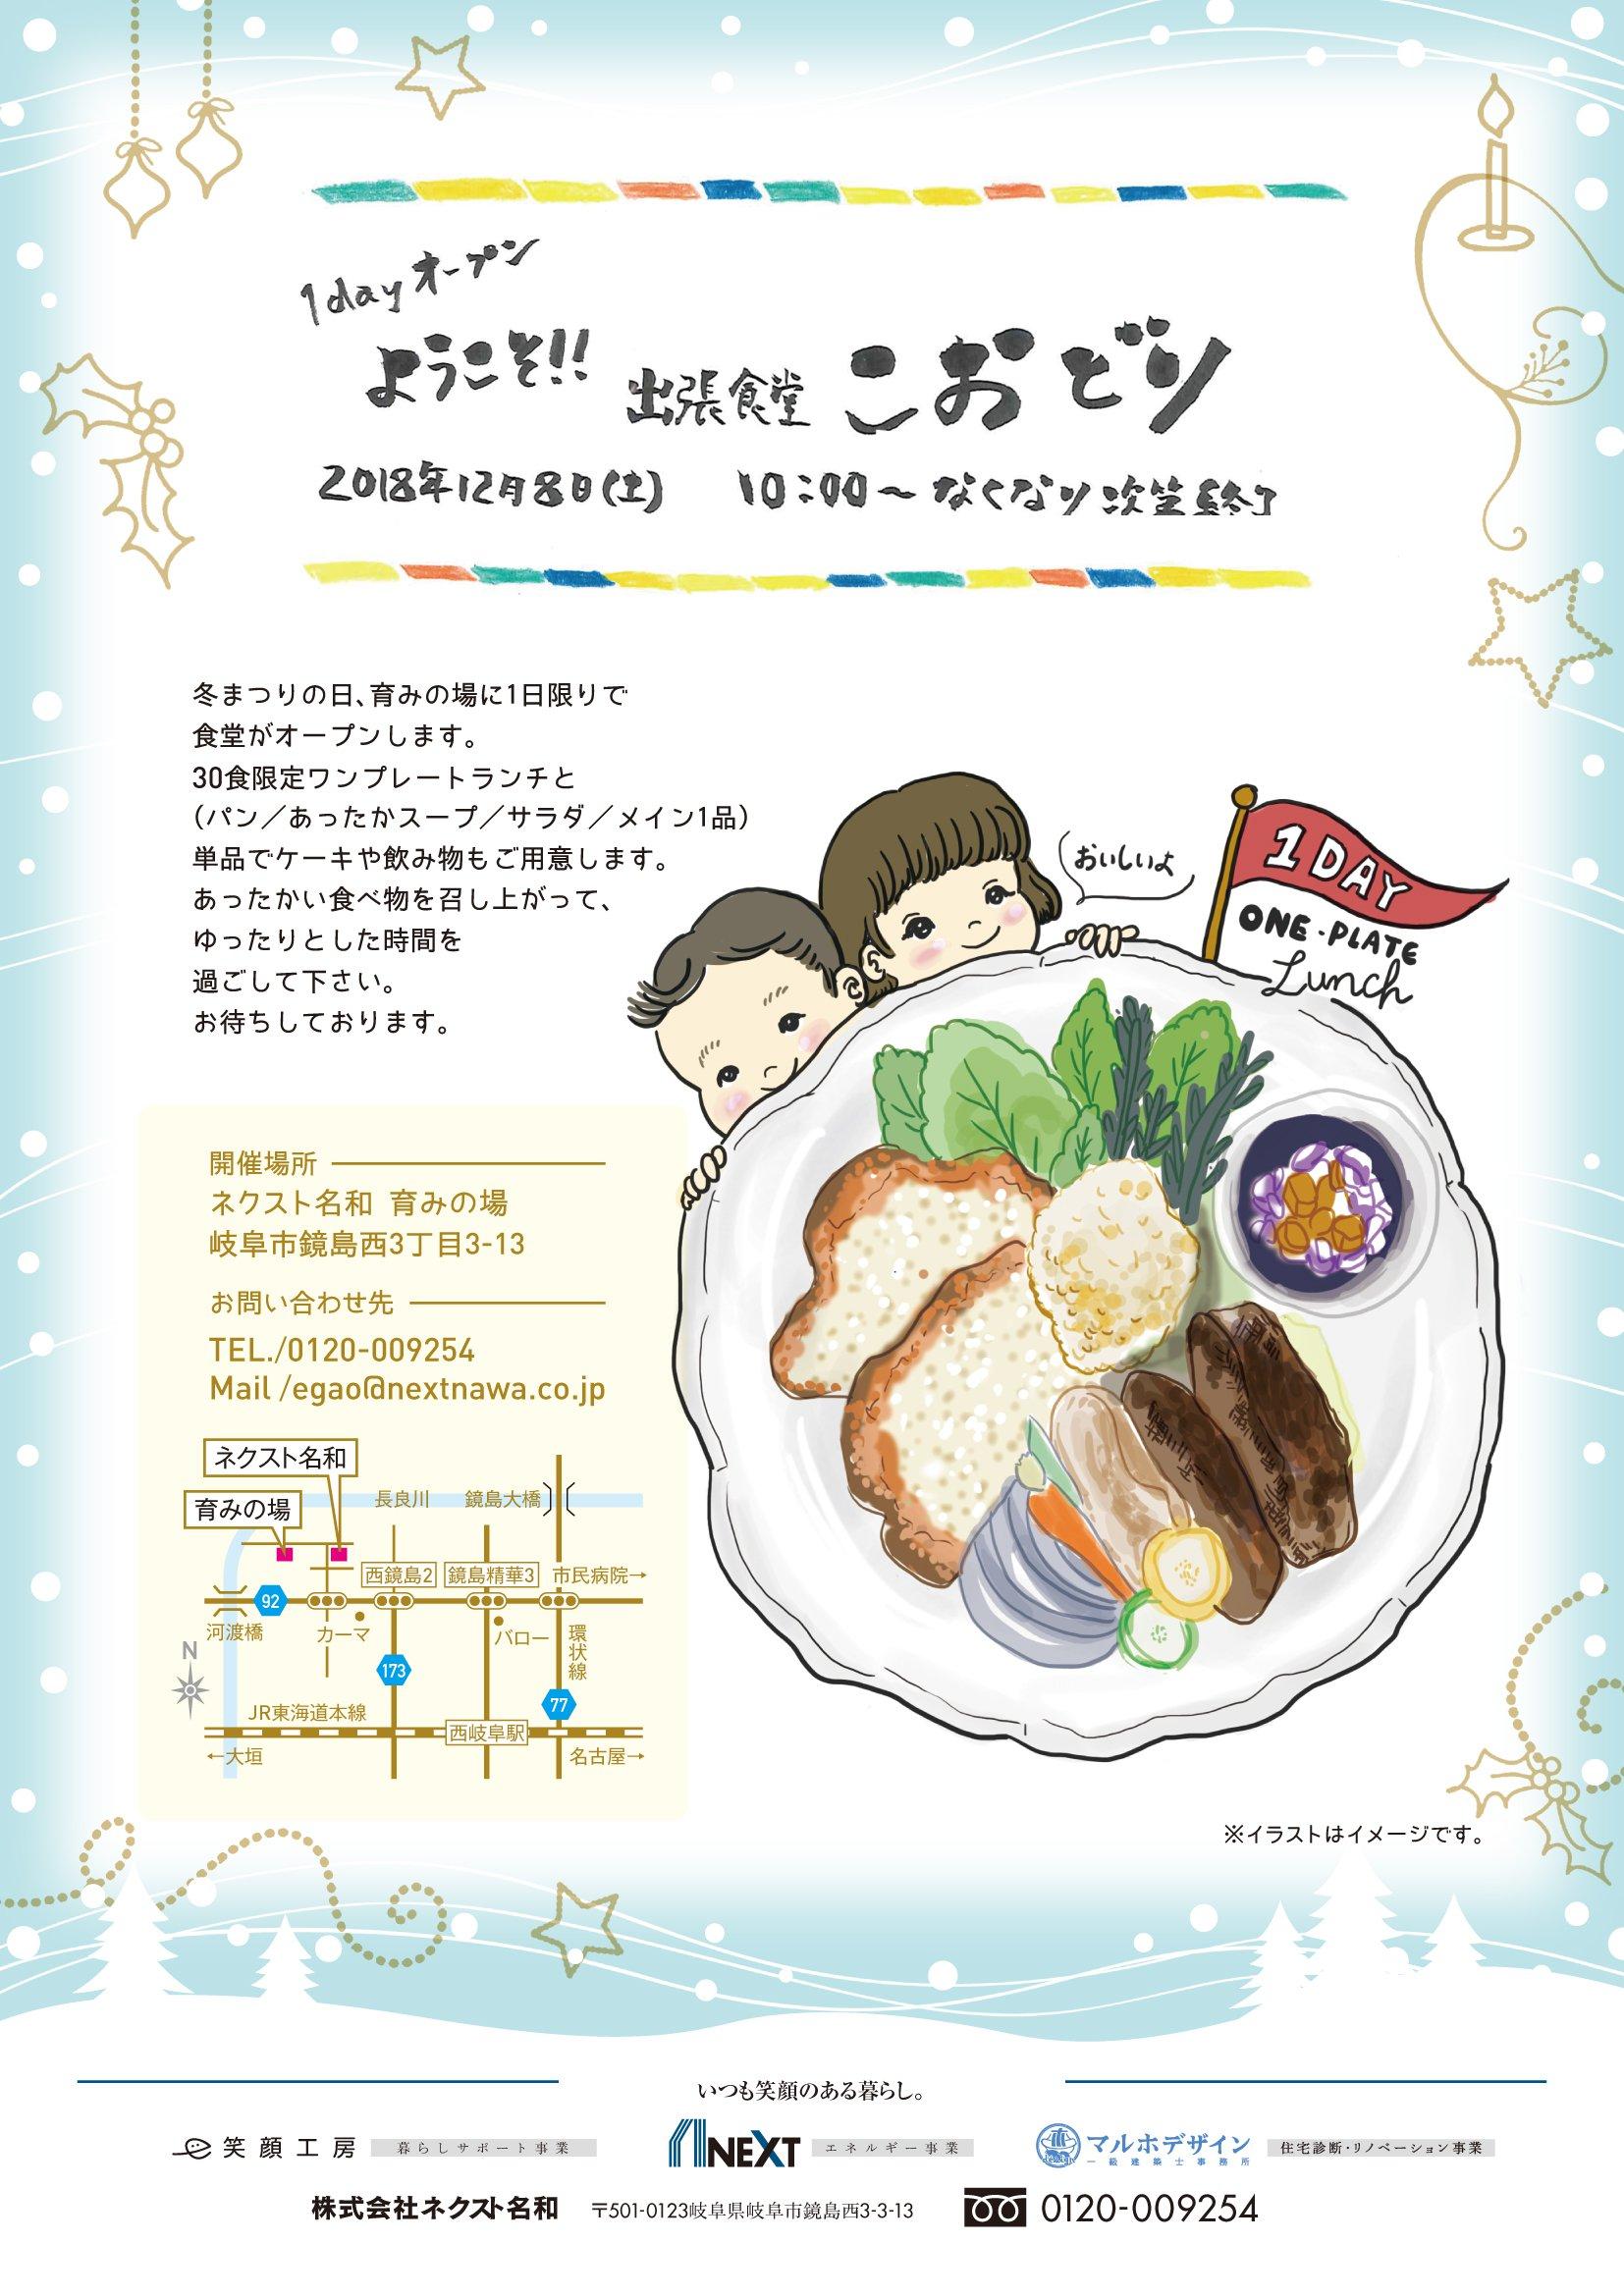 冬祭り_裏 _1106